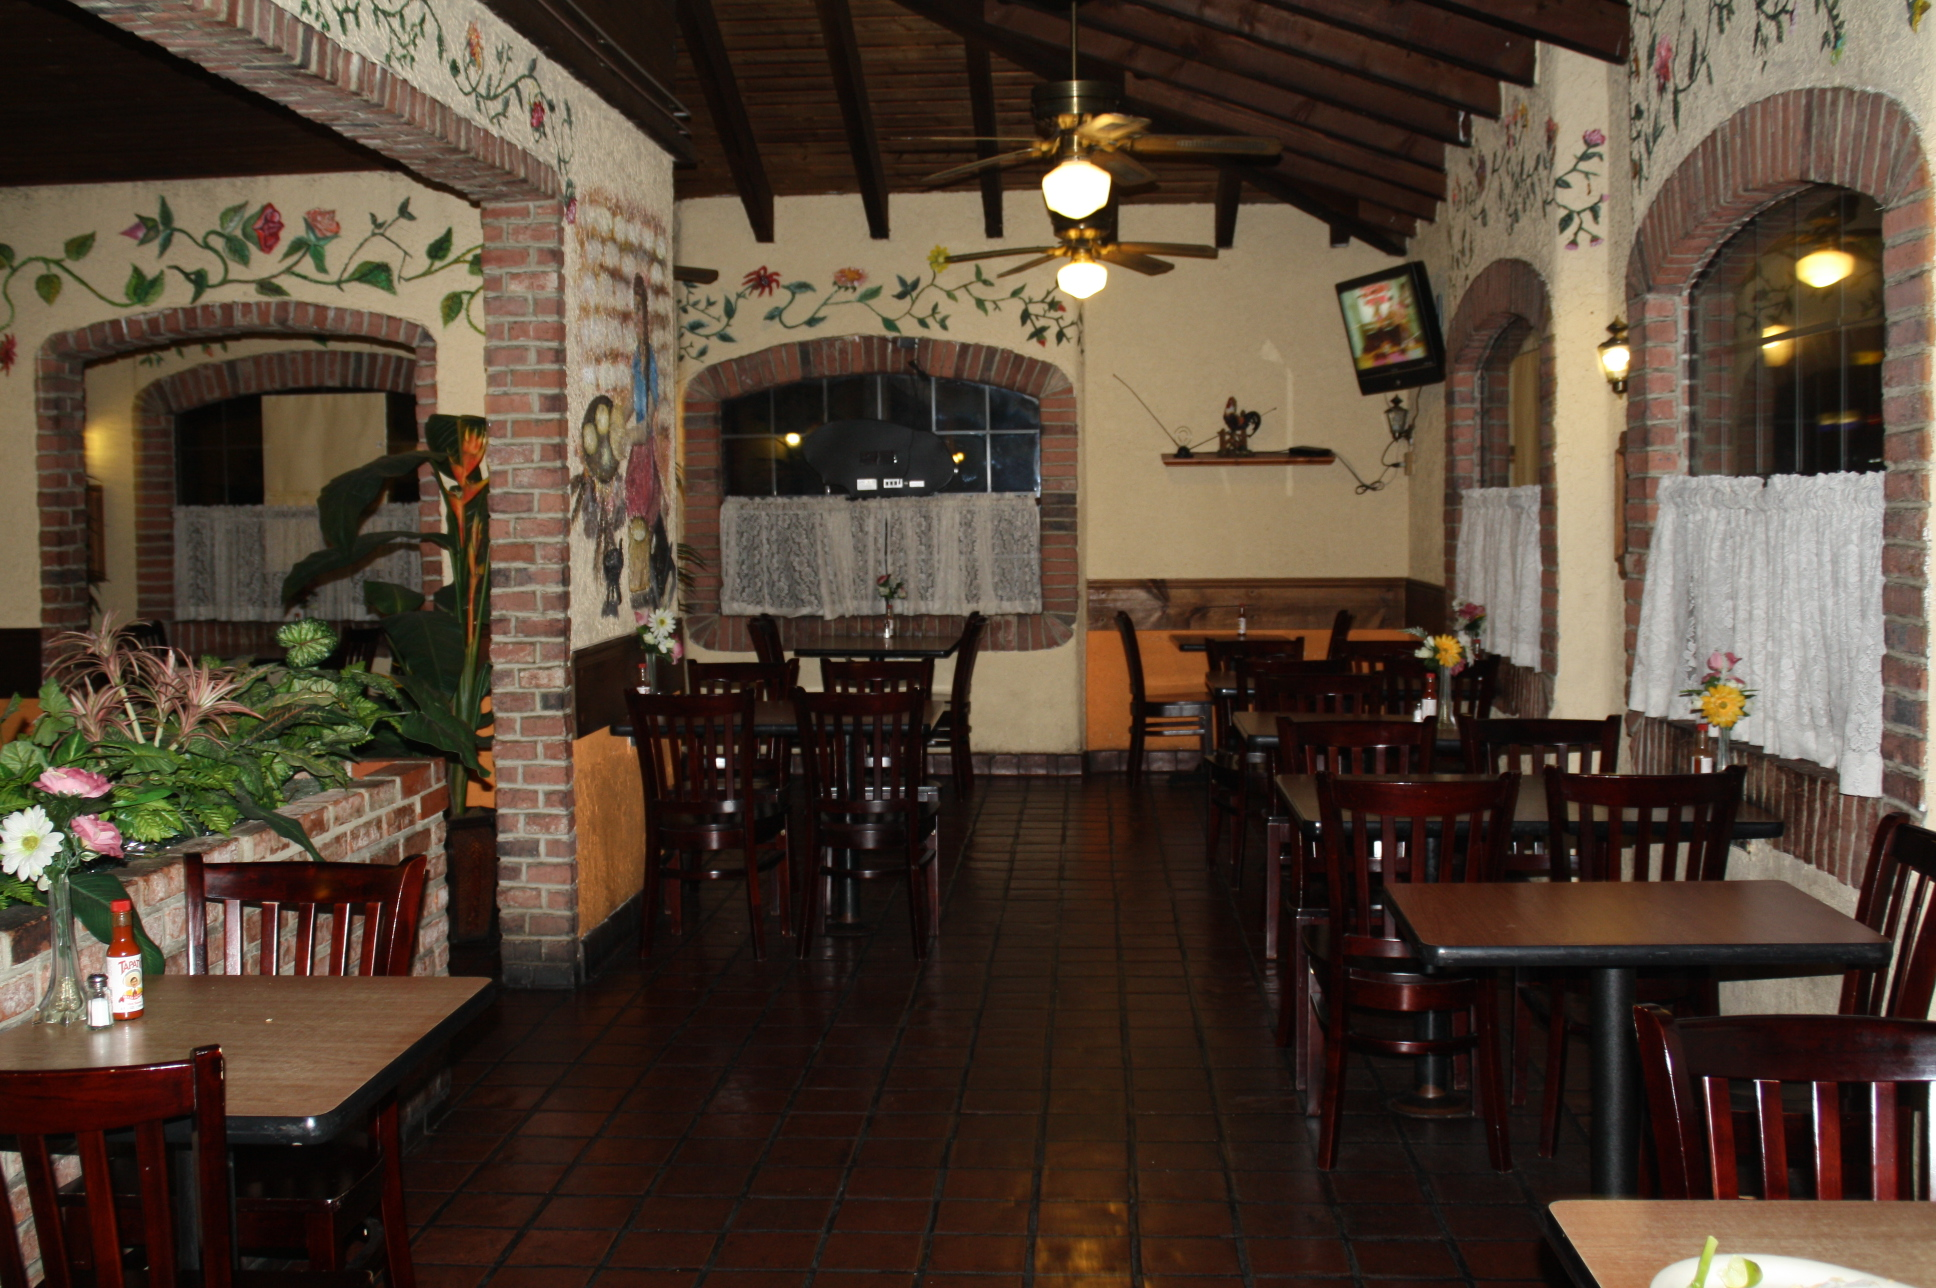 El interior de El Tacazo. (Foto Agustín Durán/El Pasajero).